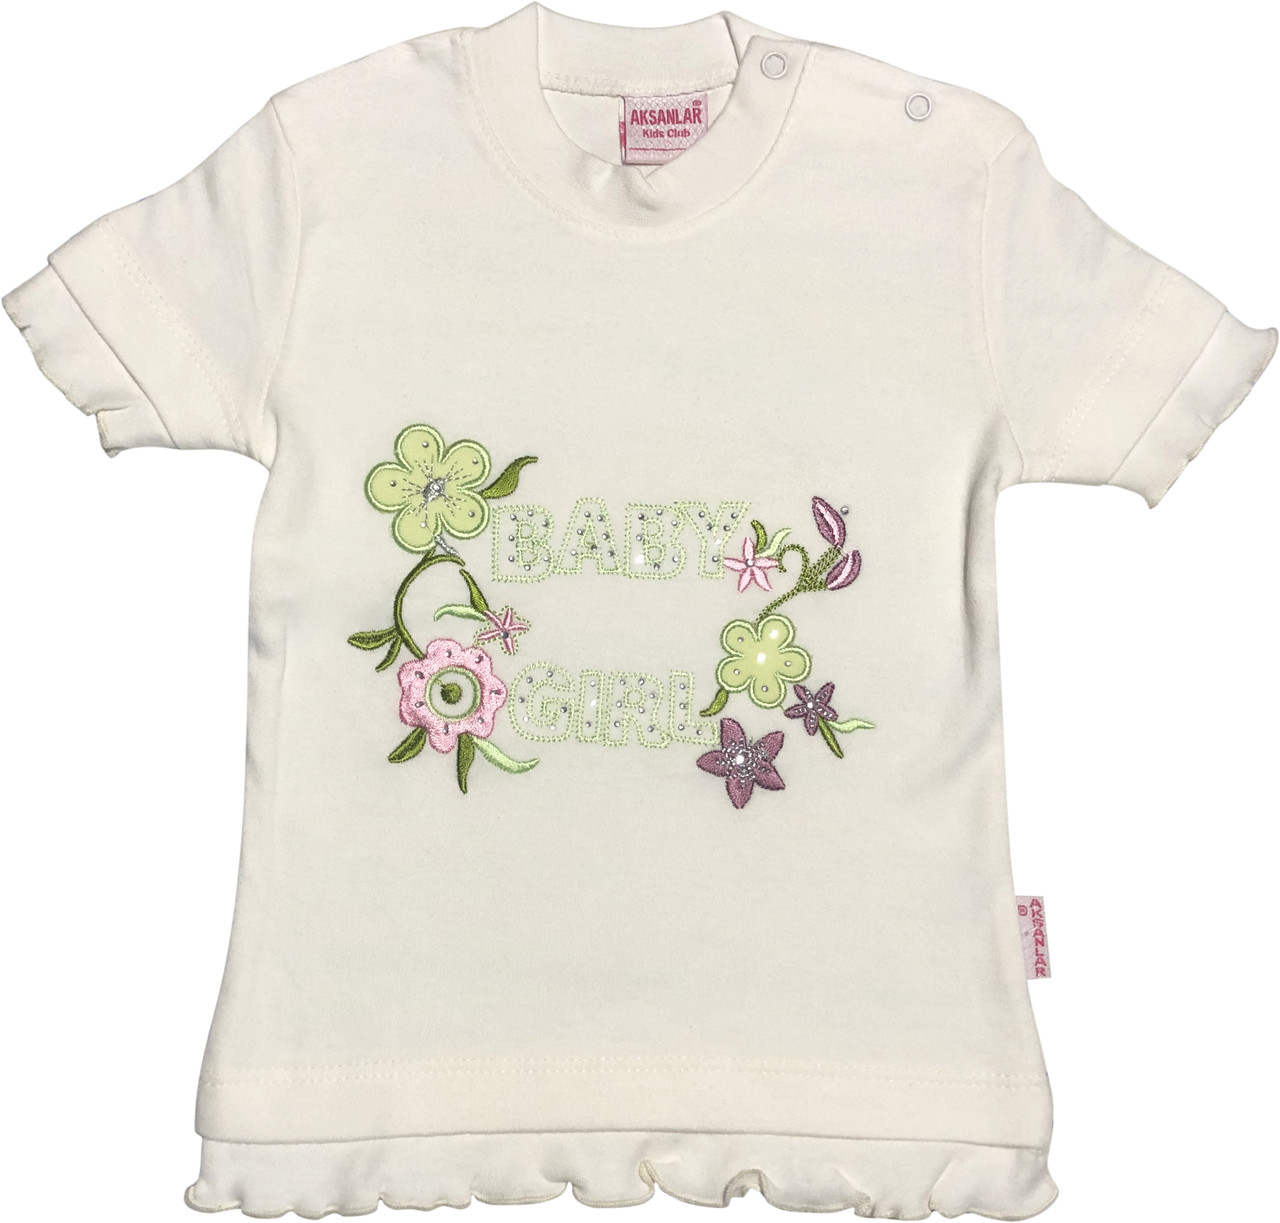 Дитяча футболка на дівчинку ріст 86 1-1,5 року для новонароджених малюків красива ошатна трикотаж молочна